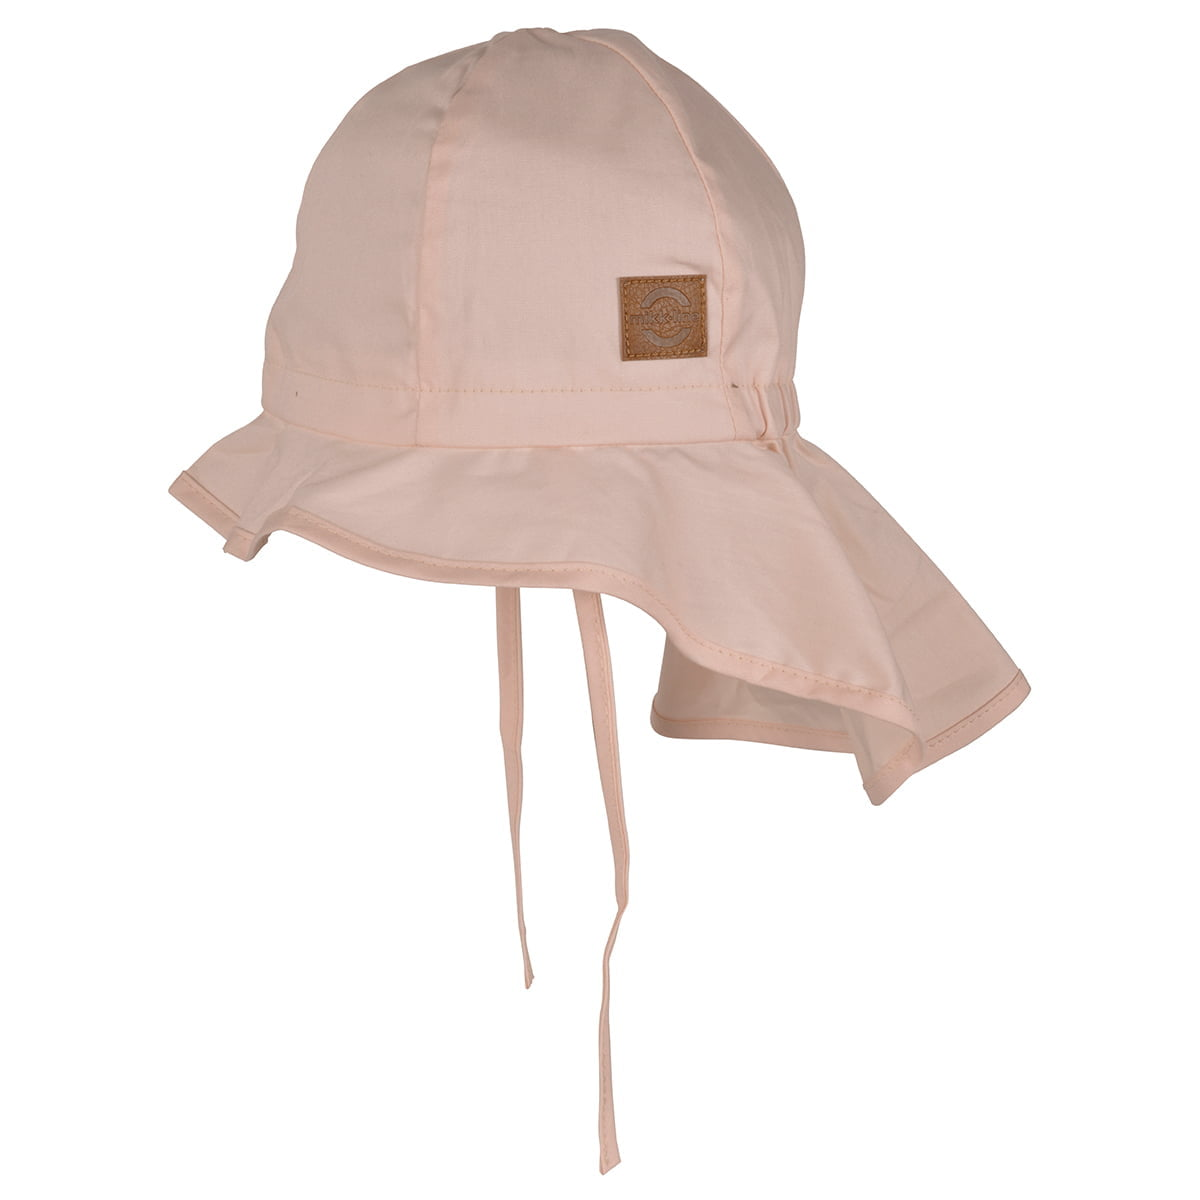 Pălărie de soare cu boruri mari UV 50+ Rose Mikk-Line 3